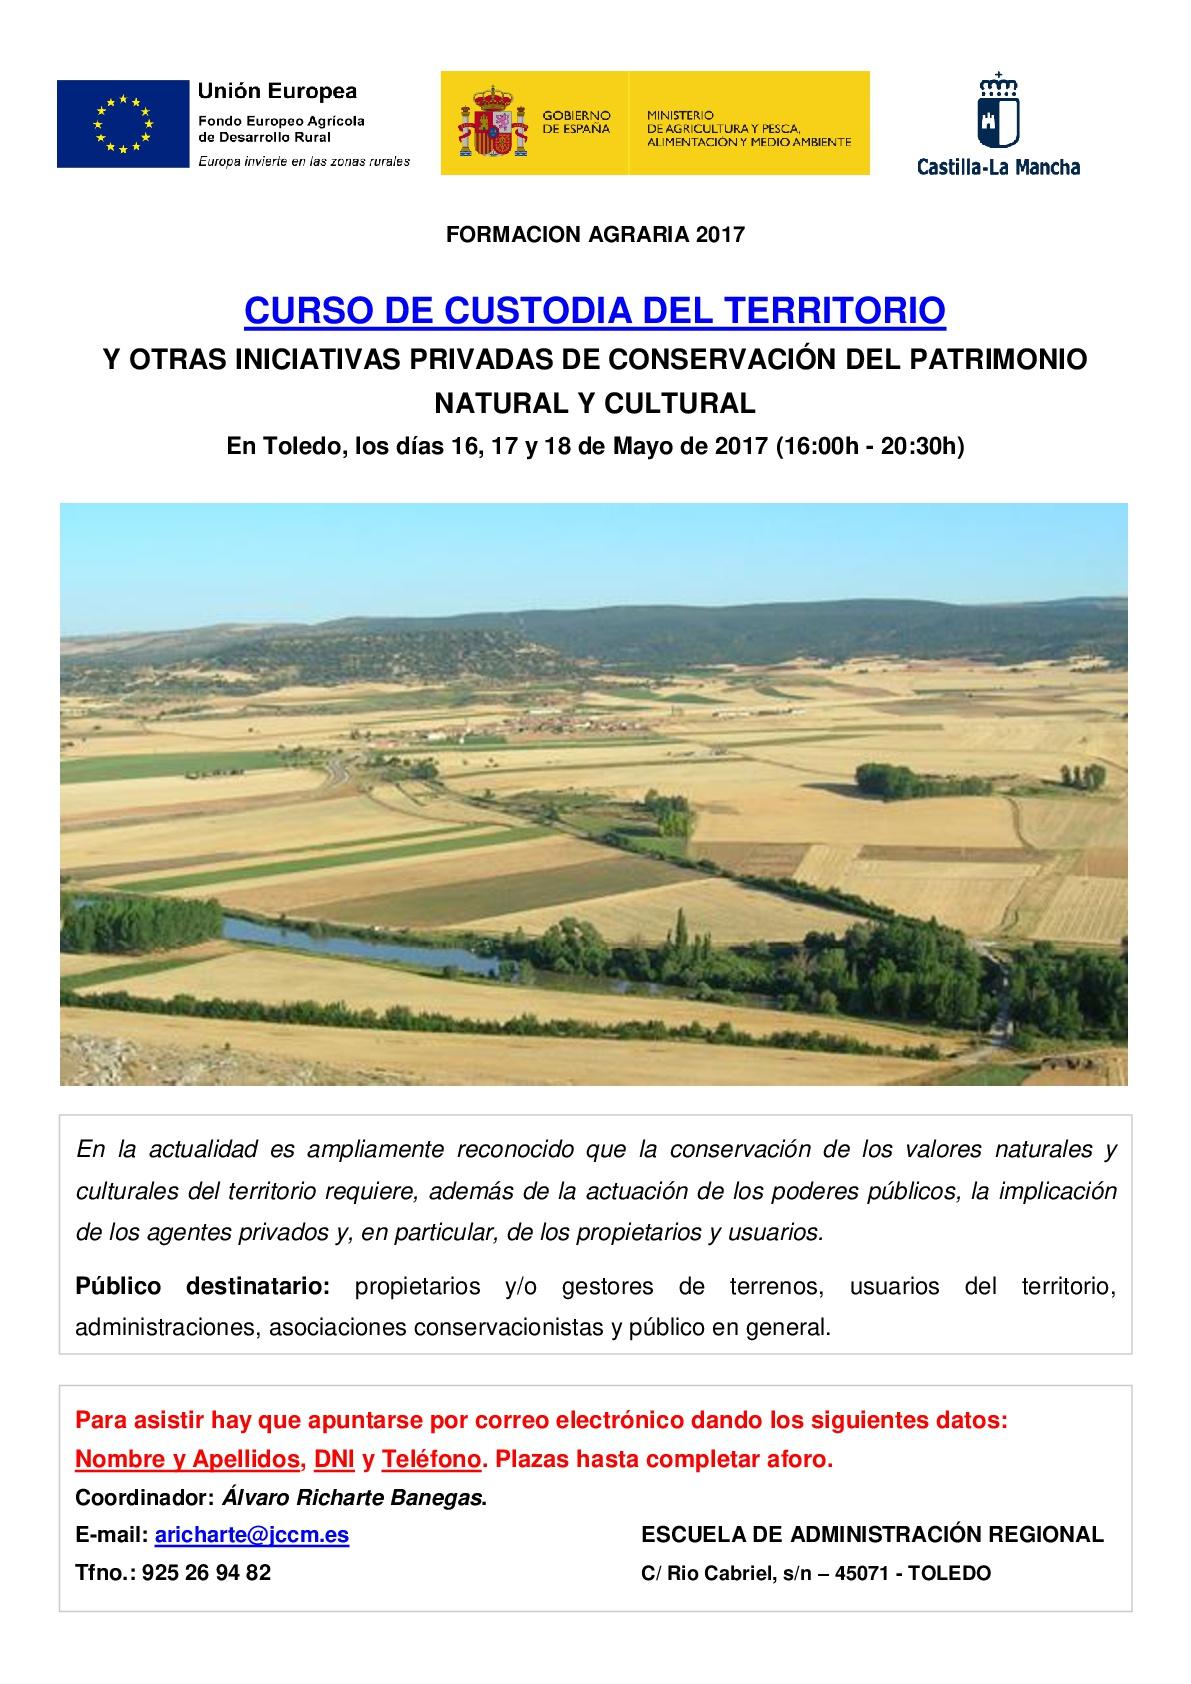 Curso Custodia del Territorio-001